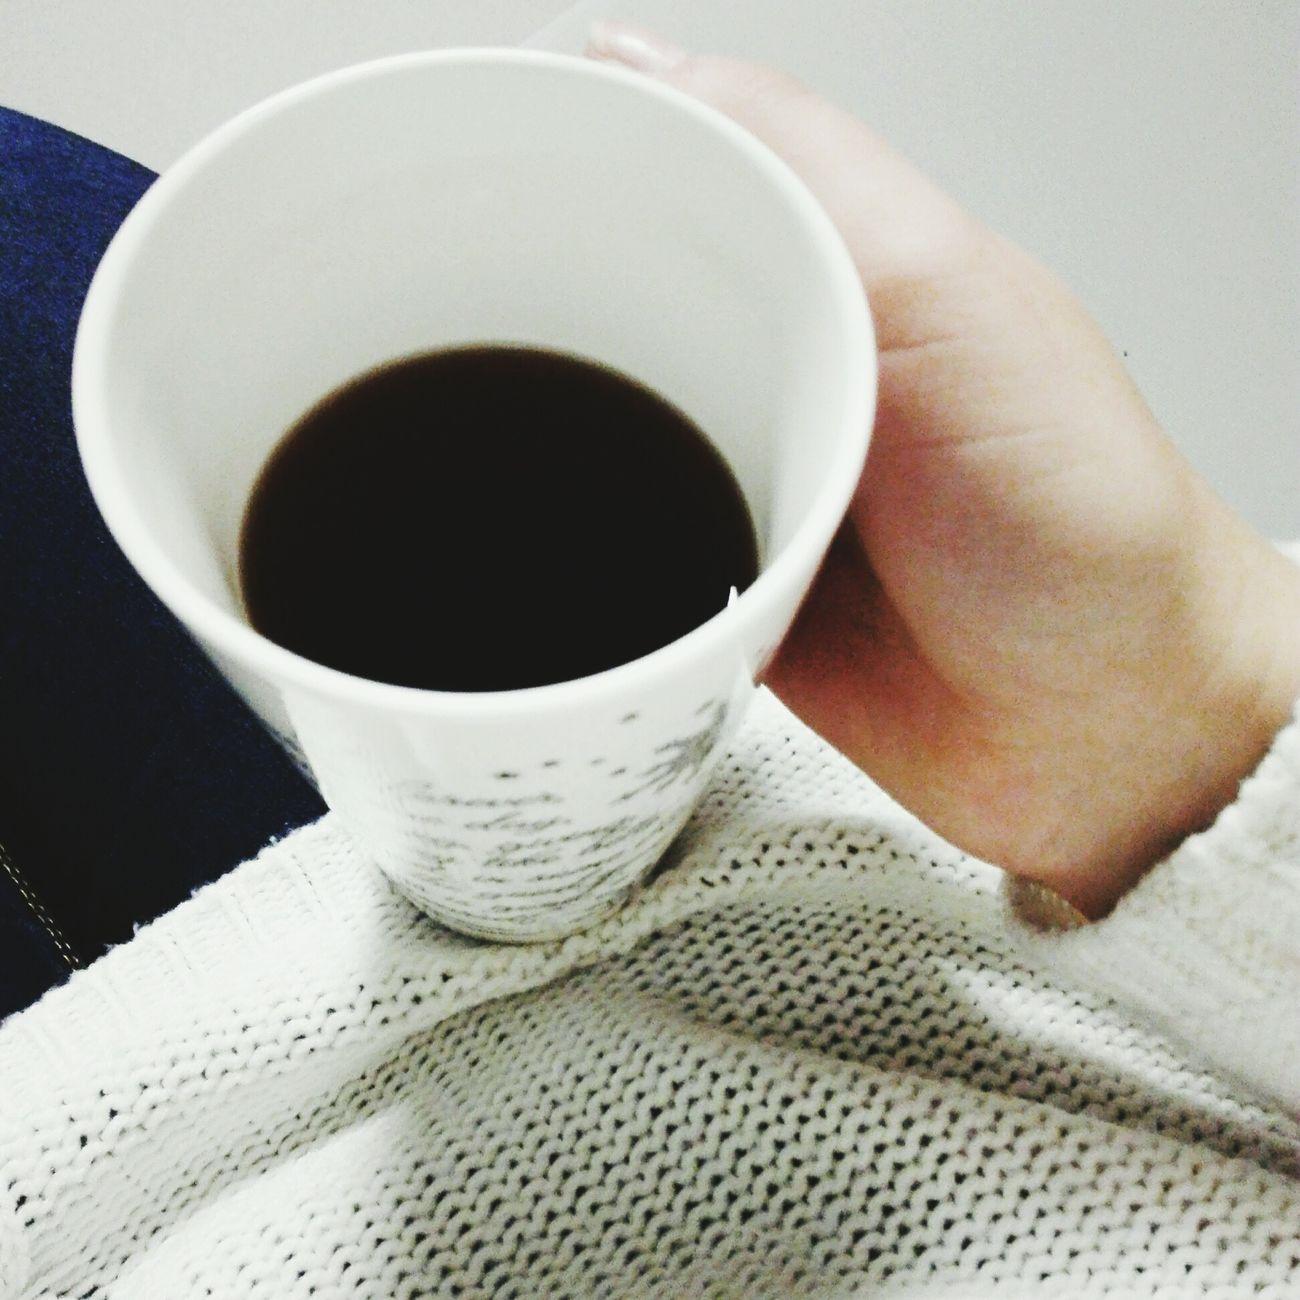 Nie ma to jak kubek gorącej herbaty po męczącym dniu. Tea Cup Cold Days Favourite Cup TimeForMyself First Eyeem Photo